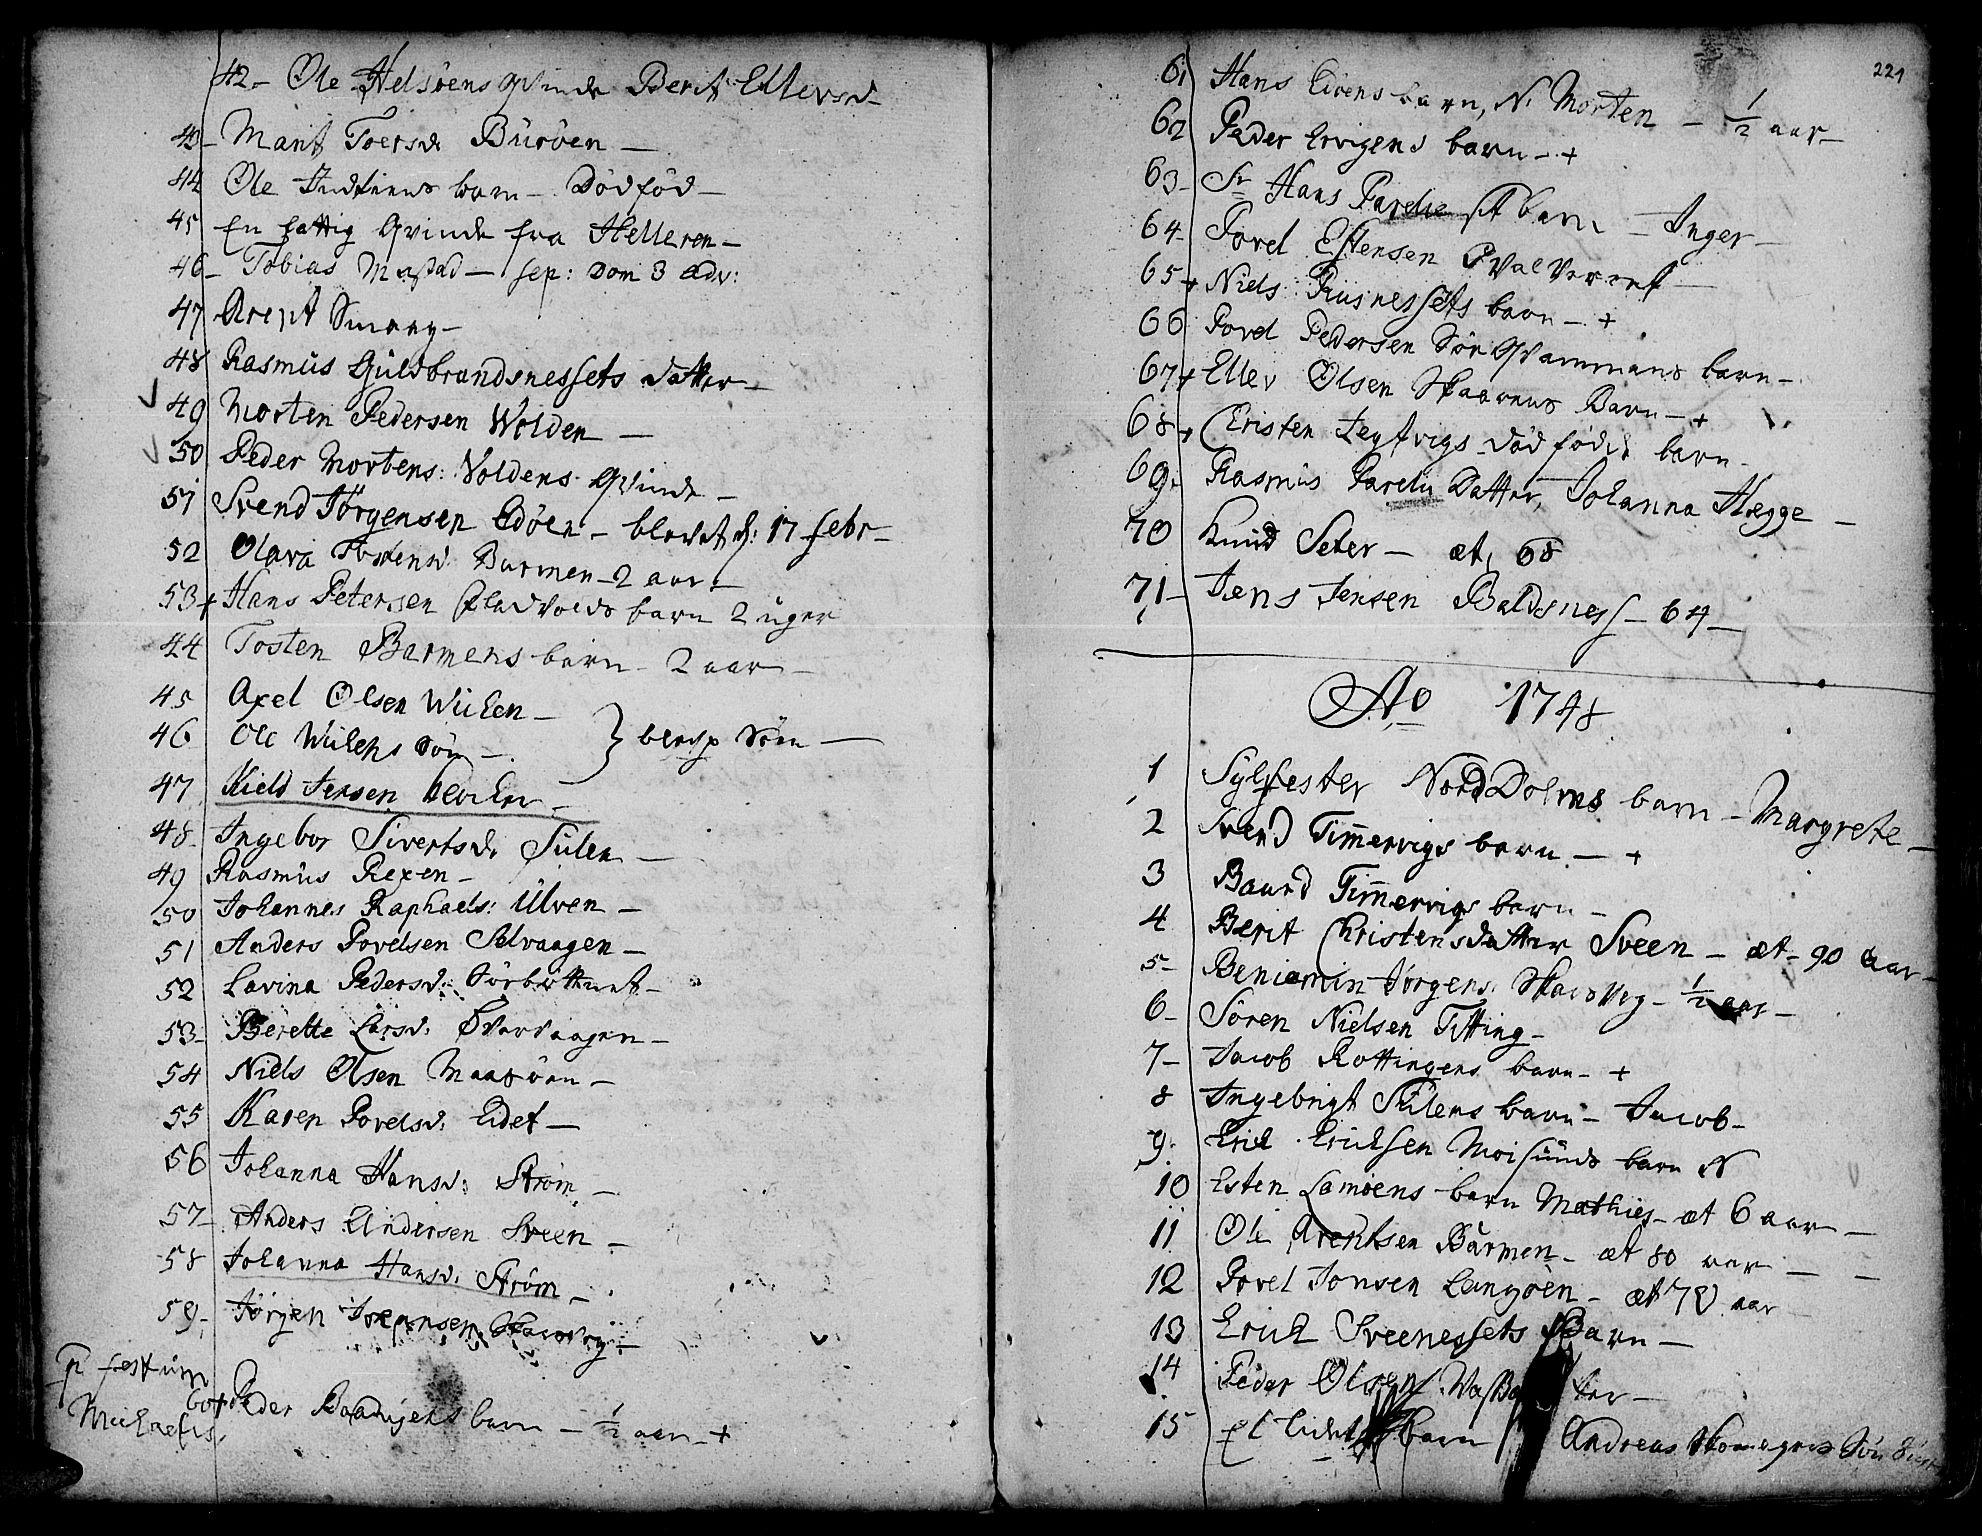 SAT, Ministerialprotokoller, klokkerbøker og fødselsregistre - Sør-Trøndelag, 634/L0525: Ministerialbok nr. 634A01, 1736-1775, s. 221